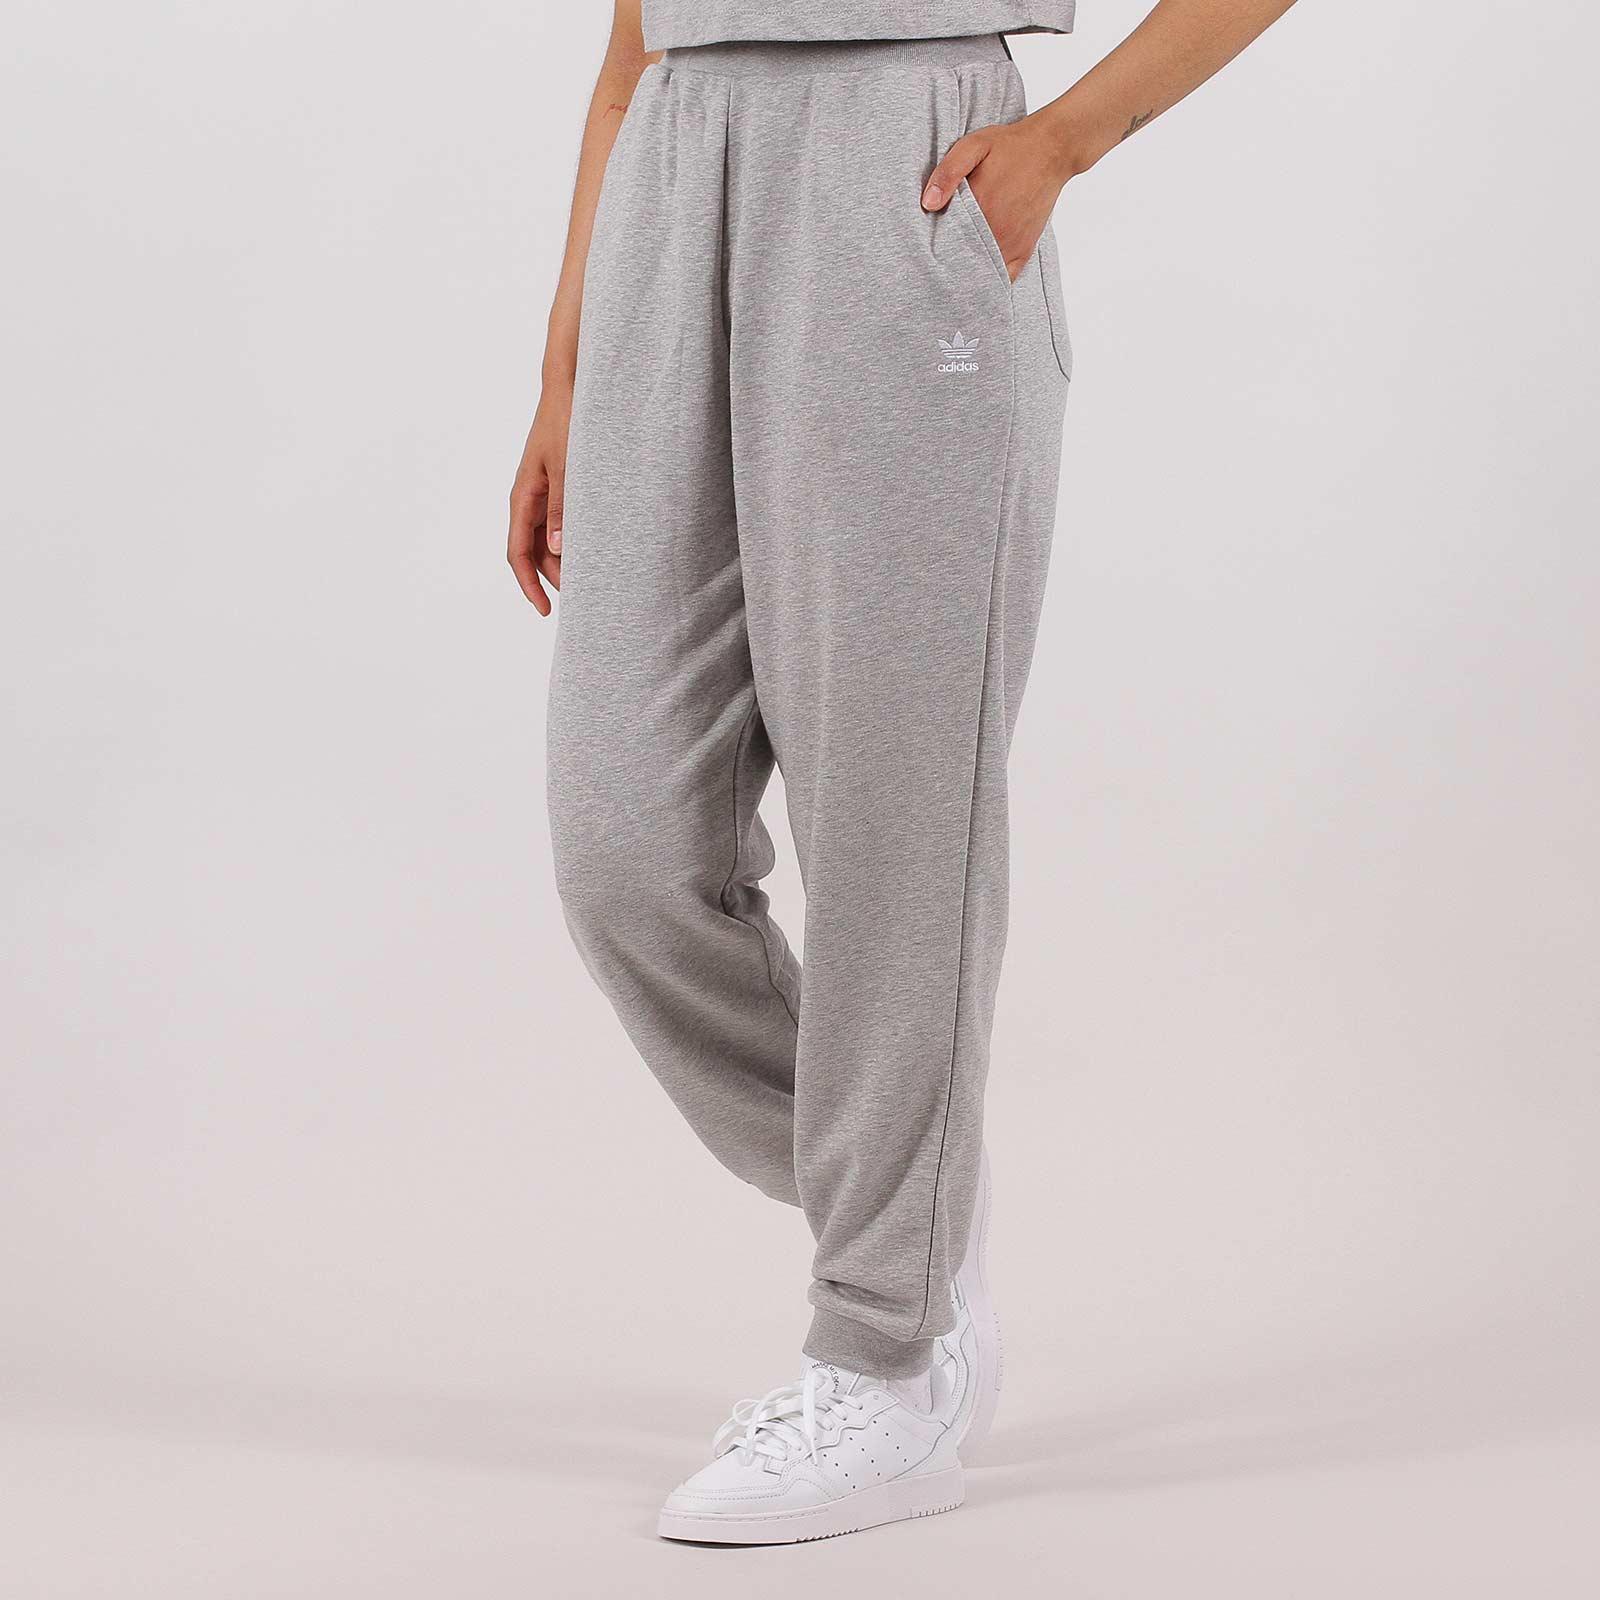 Adidas Women Cuffed Pant Grey (GD4287